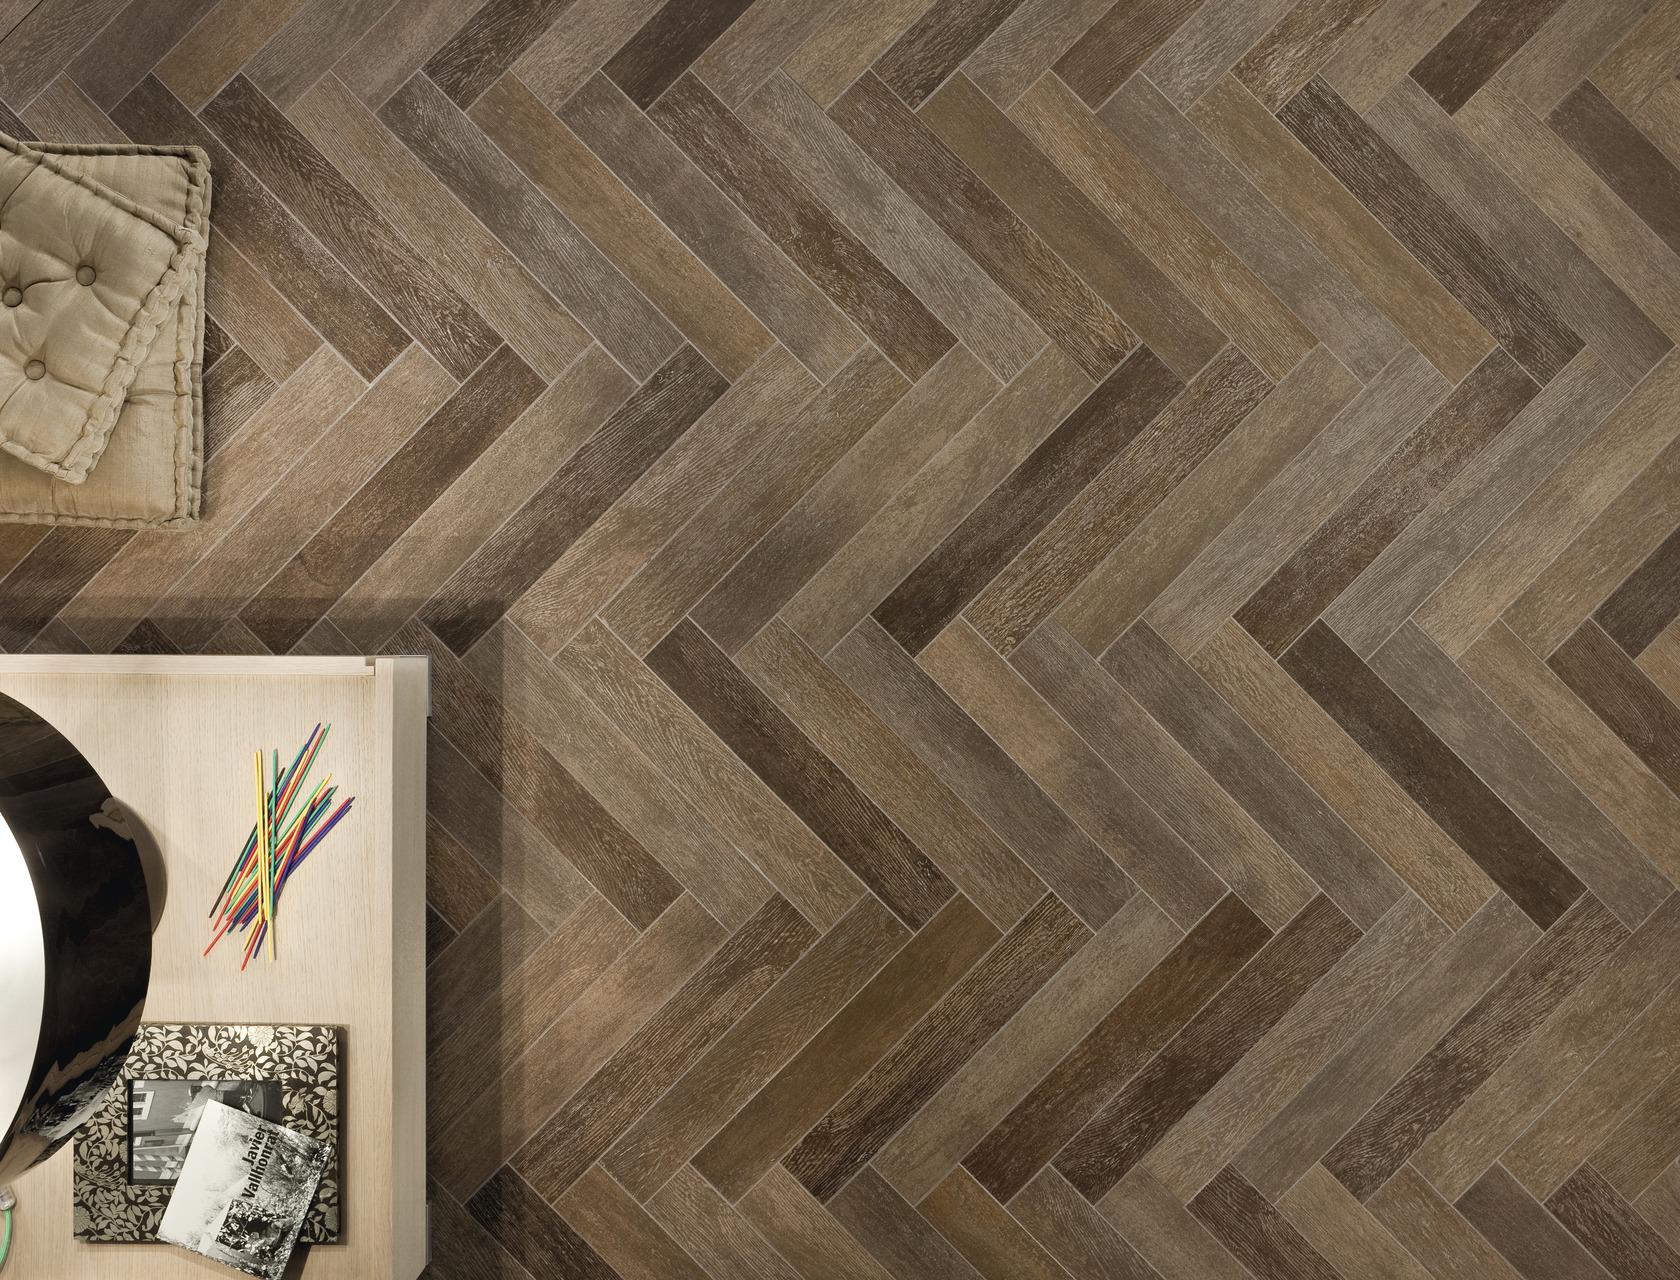 Immagini Gres Porcellanato Effetto Legno gres effetto legno scuro per interni/esterni | rovere moka